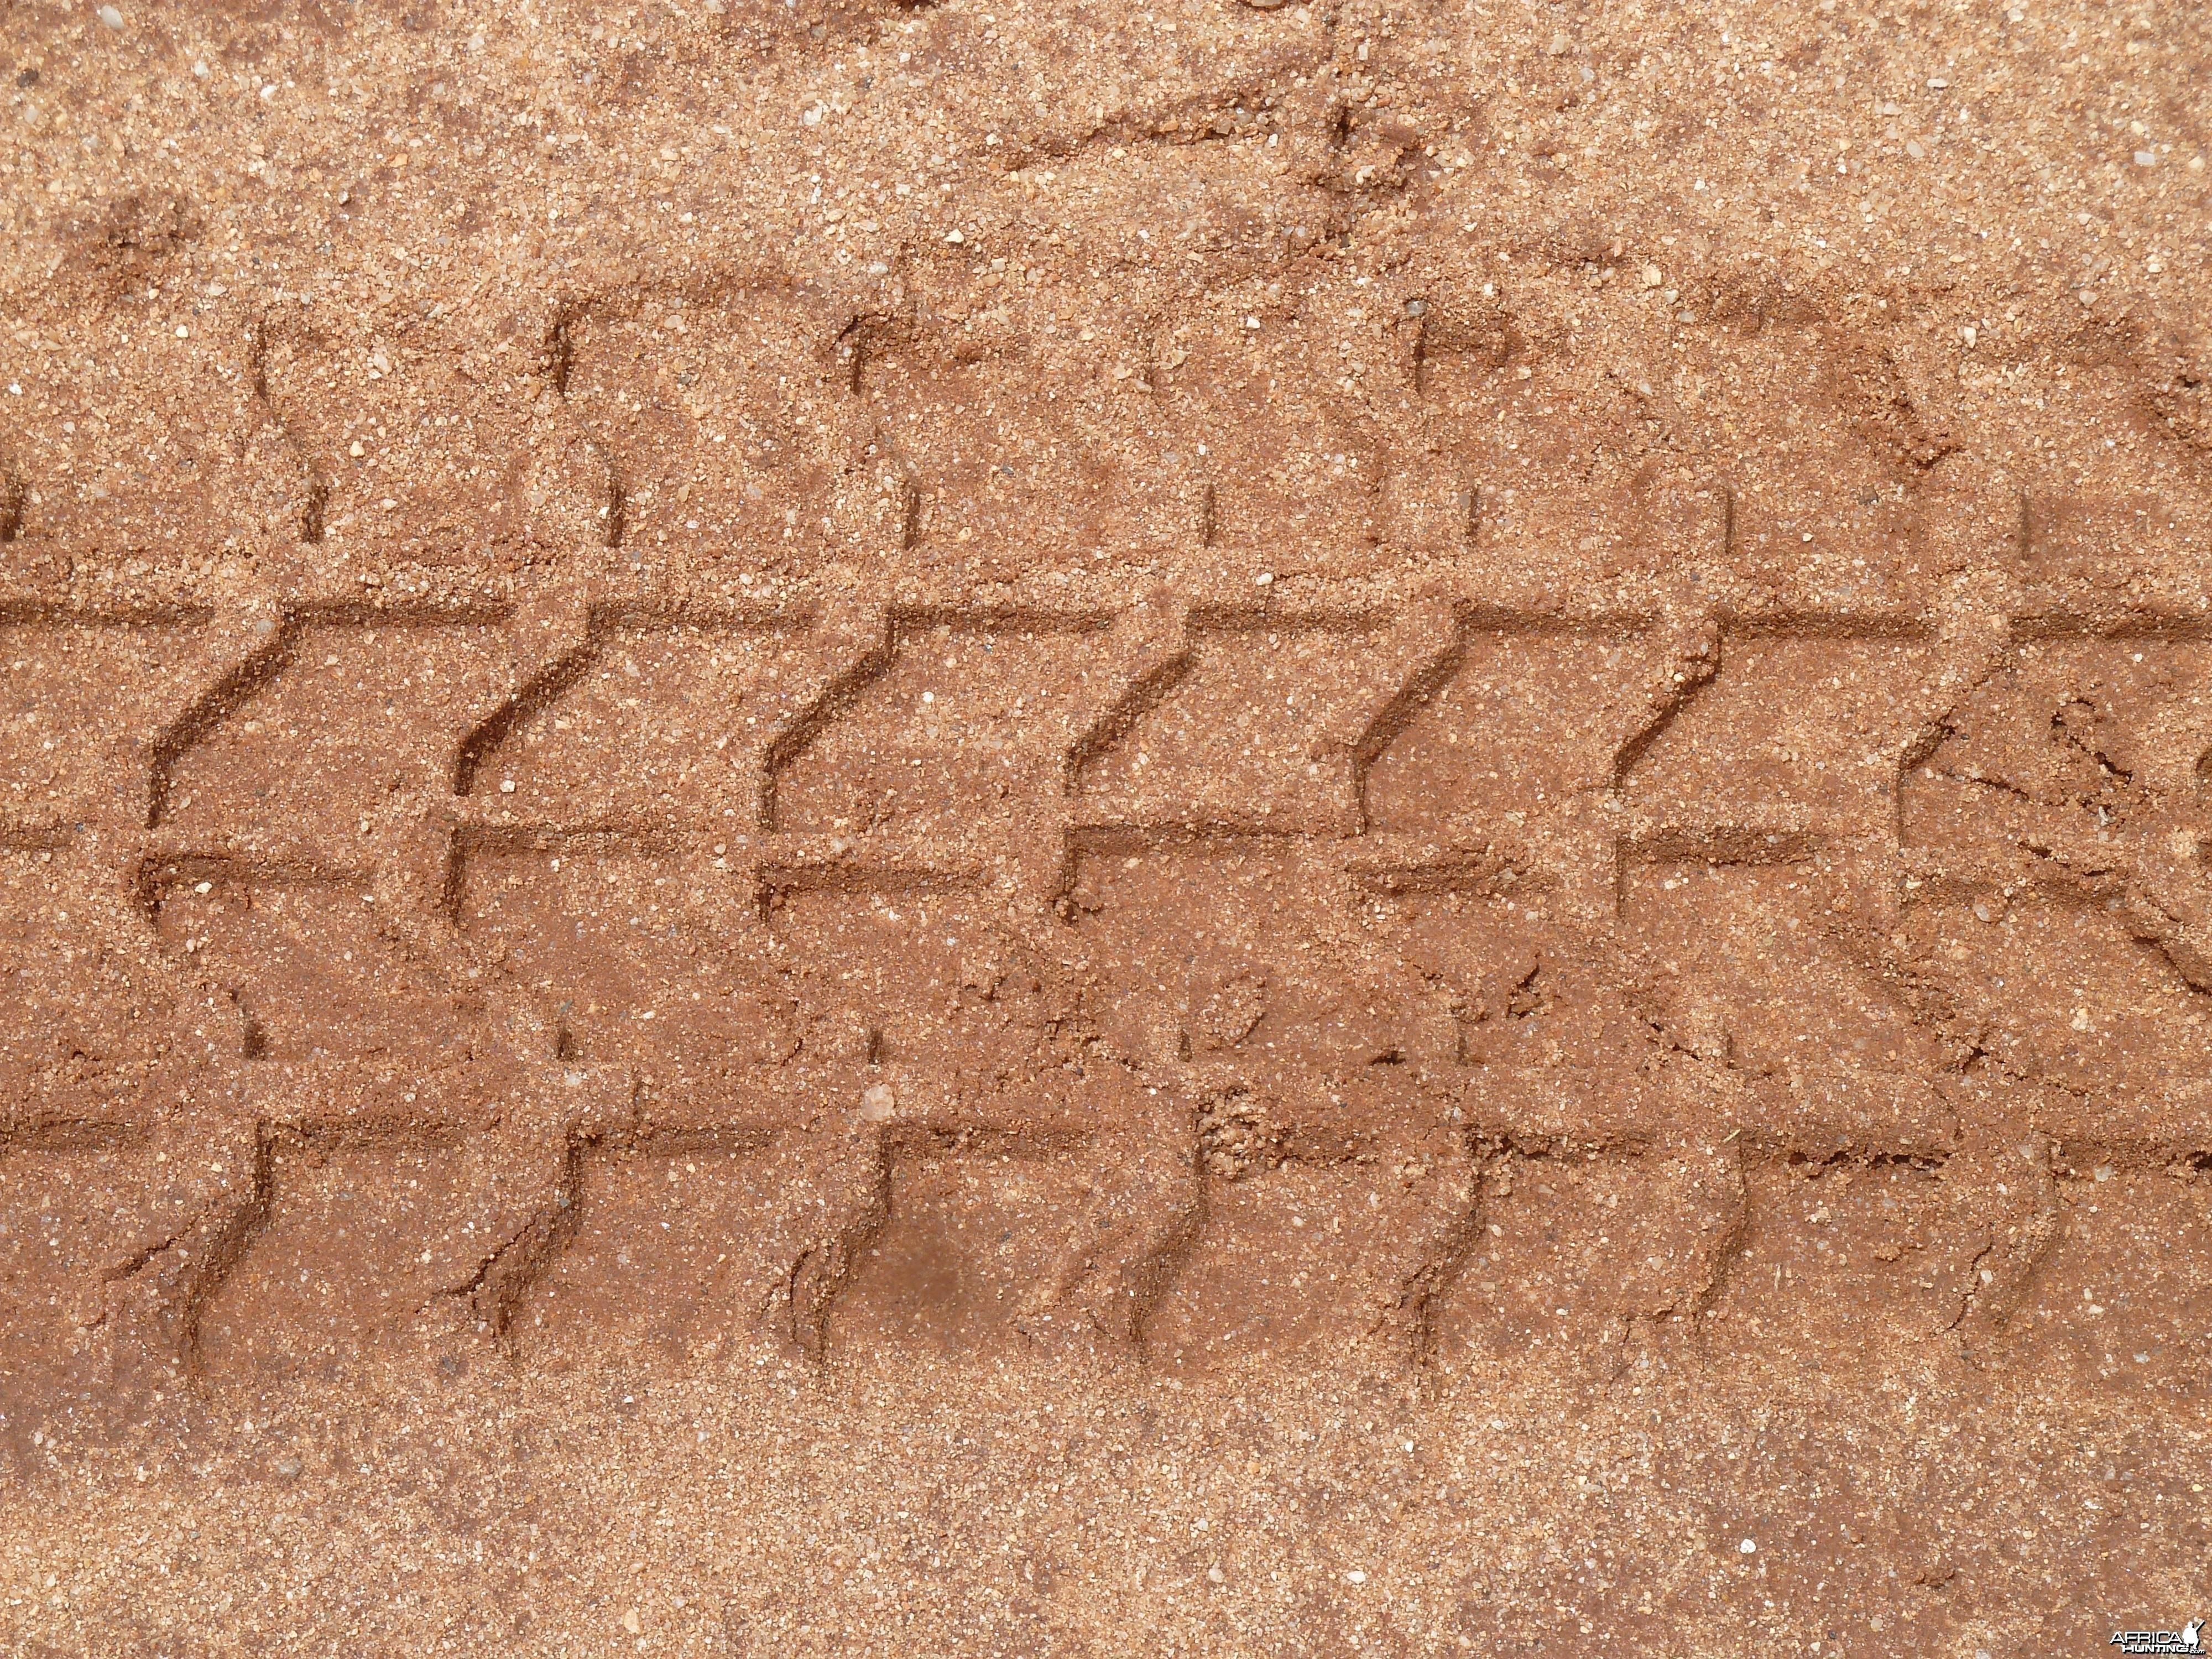 Hummer Track